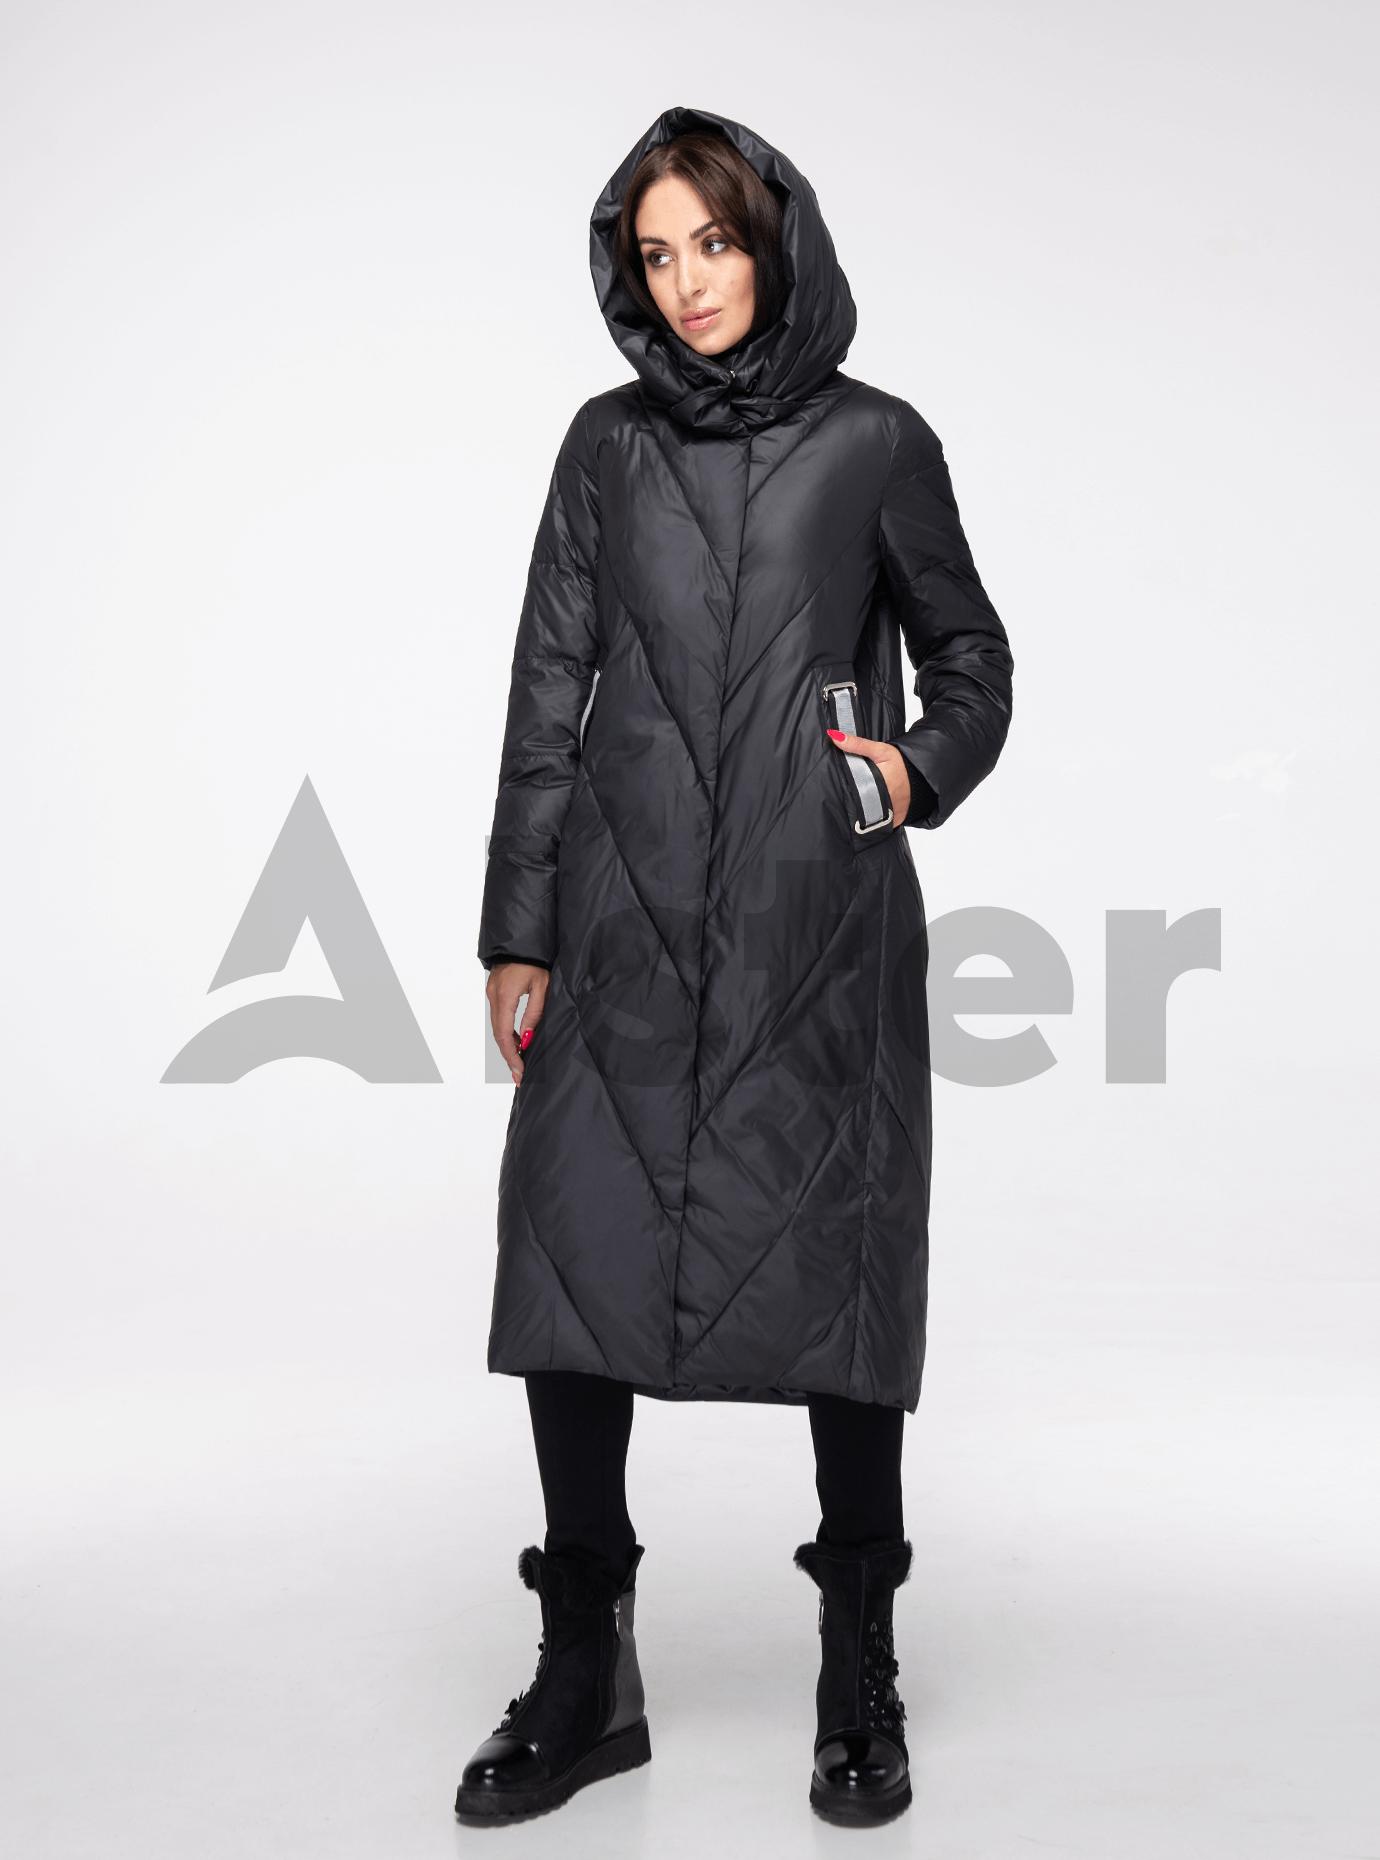 Куртка зимняя длинная прямого фасона Чёрный XL (05-V191175): фото - Alster.ua